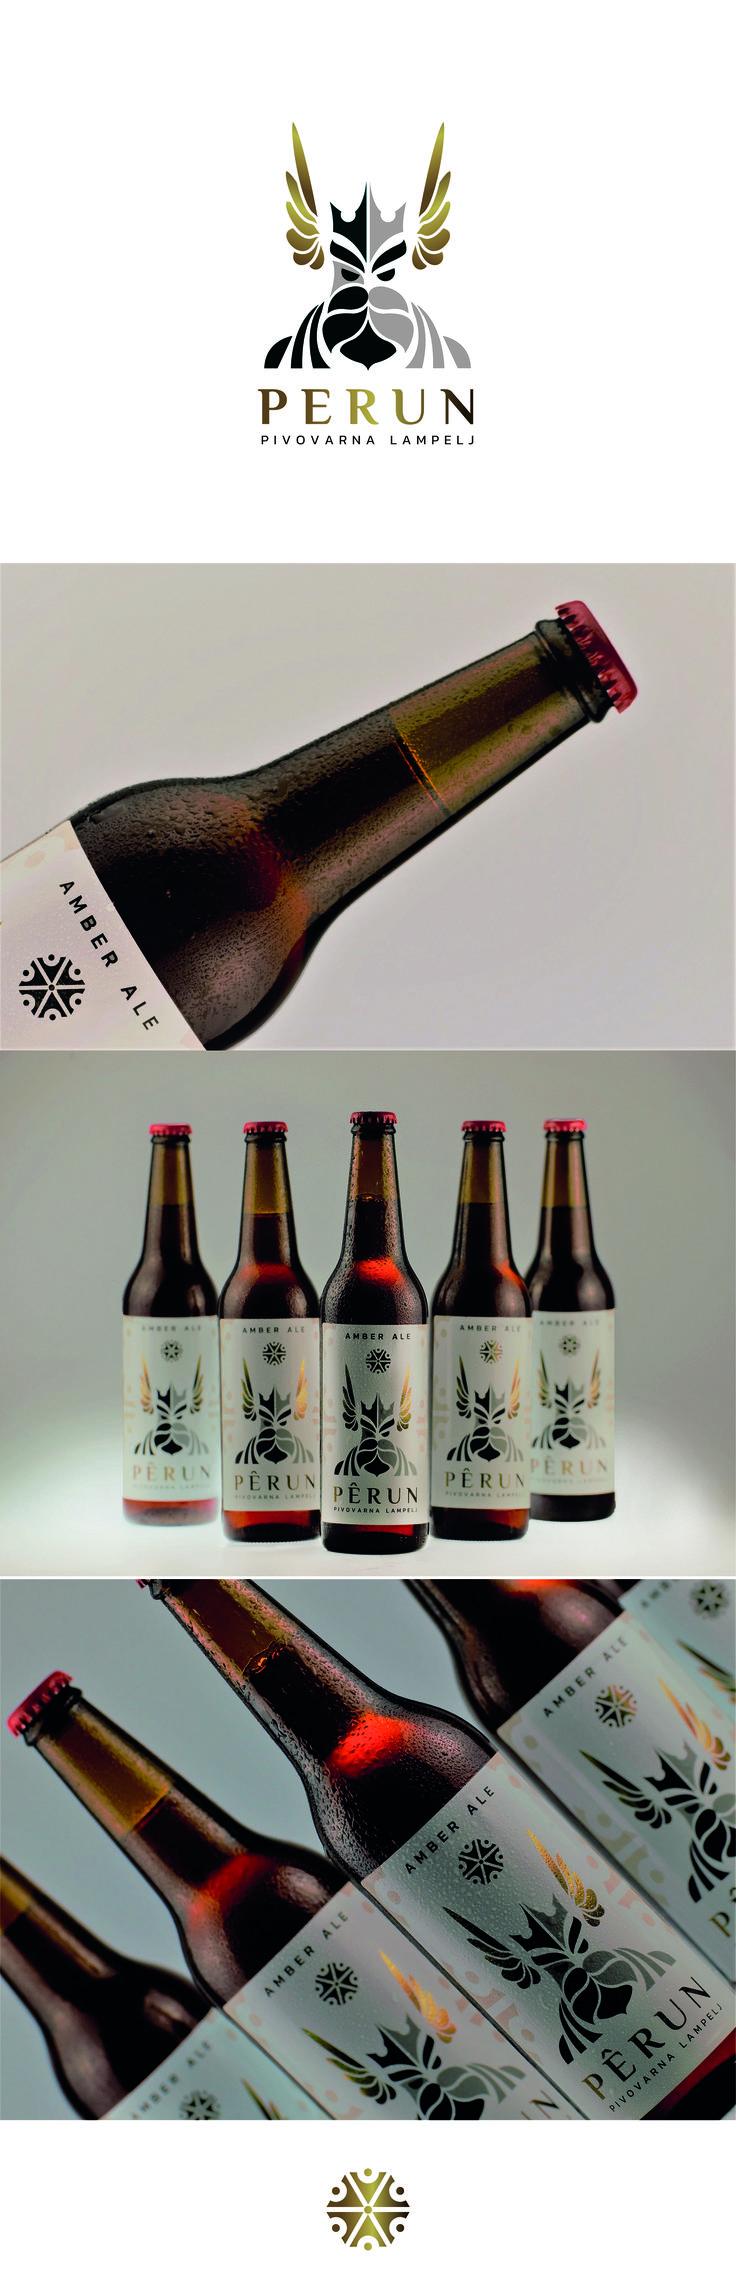 Perun beer - beer packaging design